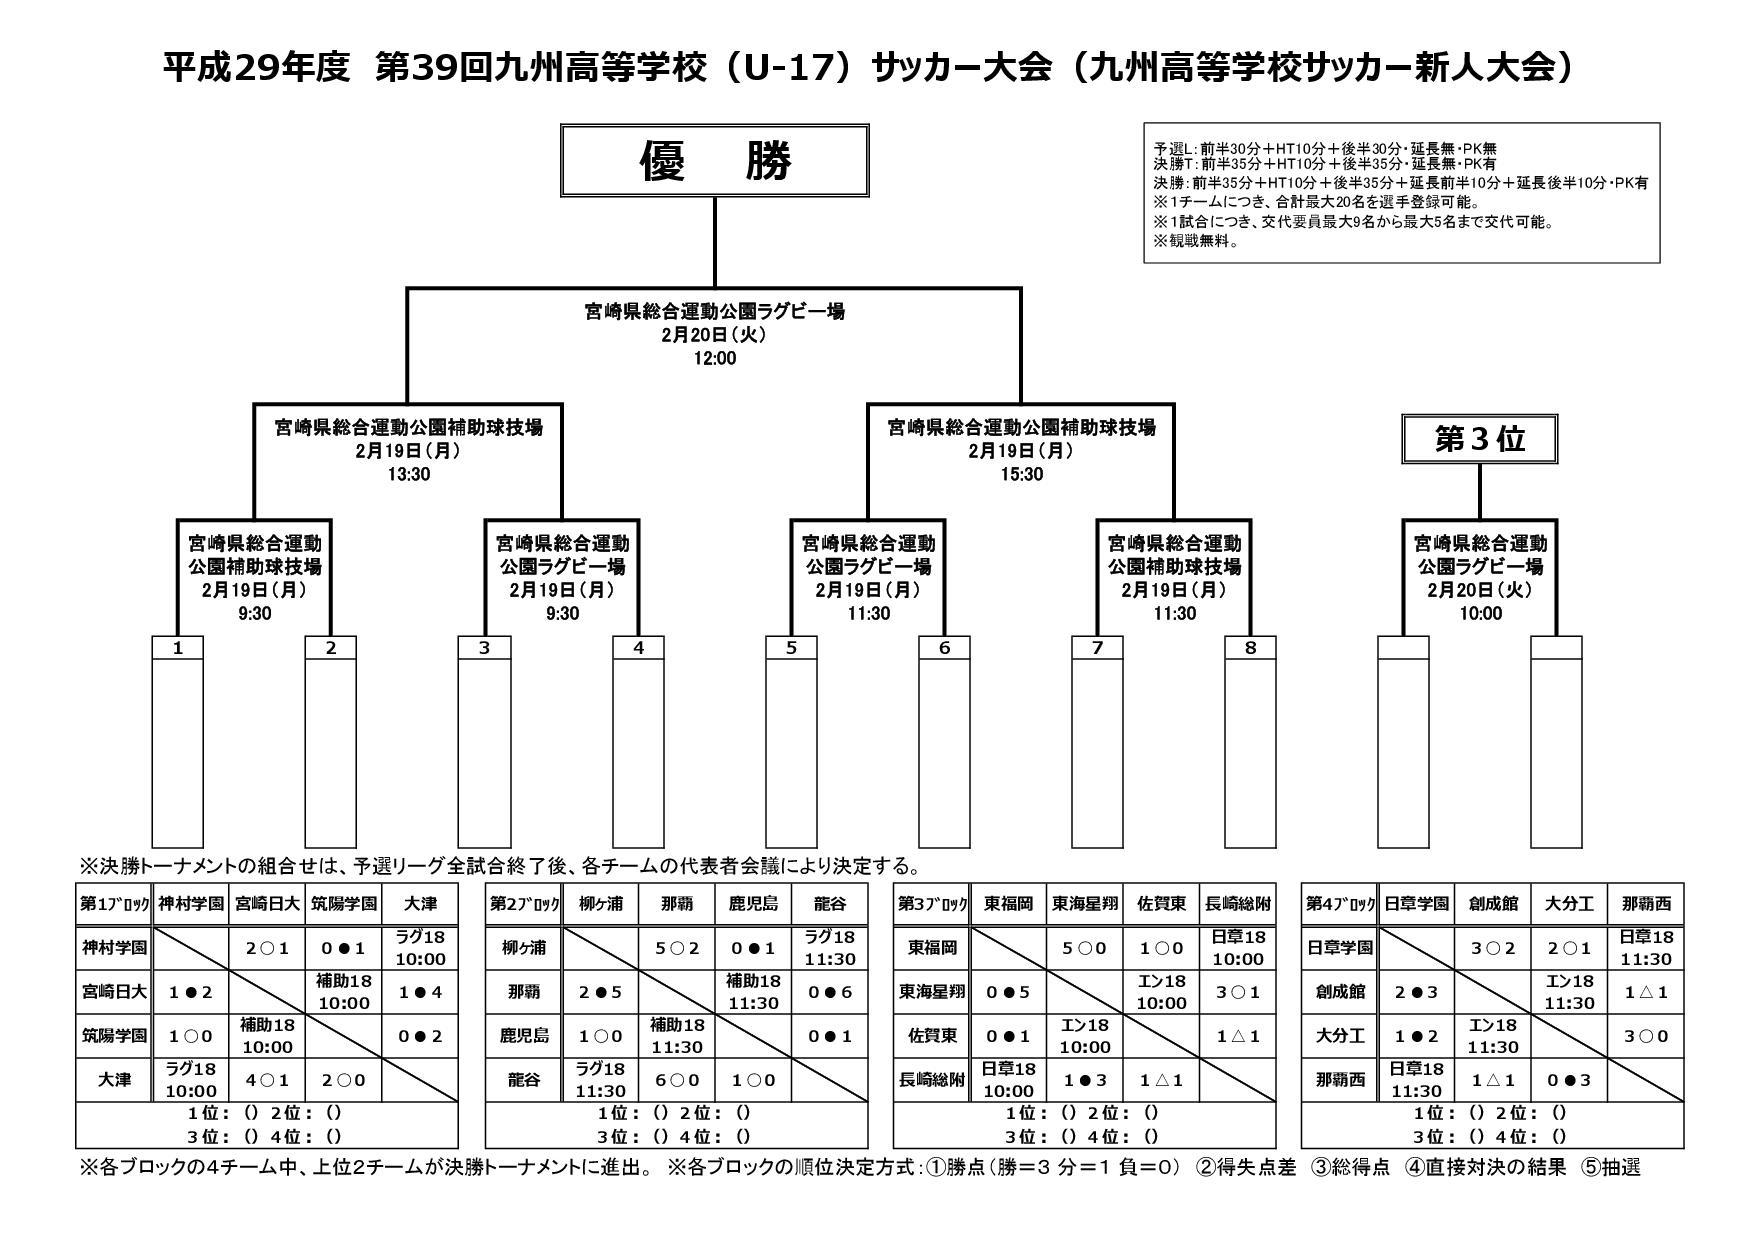 平成29年度第39回九州高校U-17サッカー大会